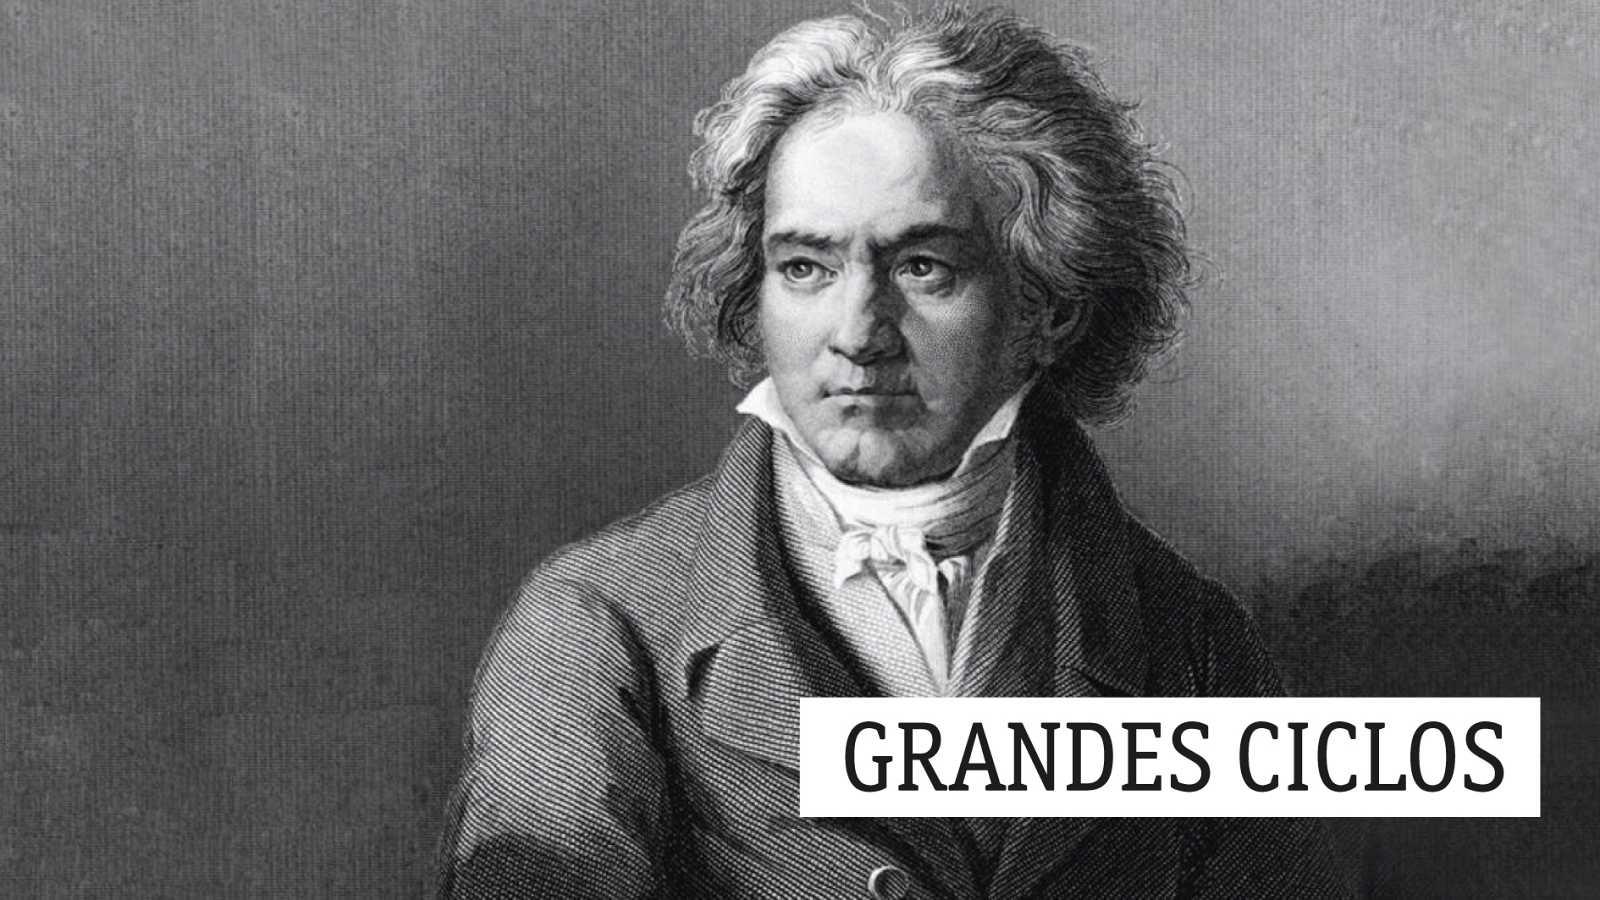 Grandes ciclos - L. van Beethoven (LXXXI): Paz y alegría - 04/06/20 - escuchar ahora